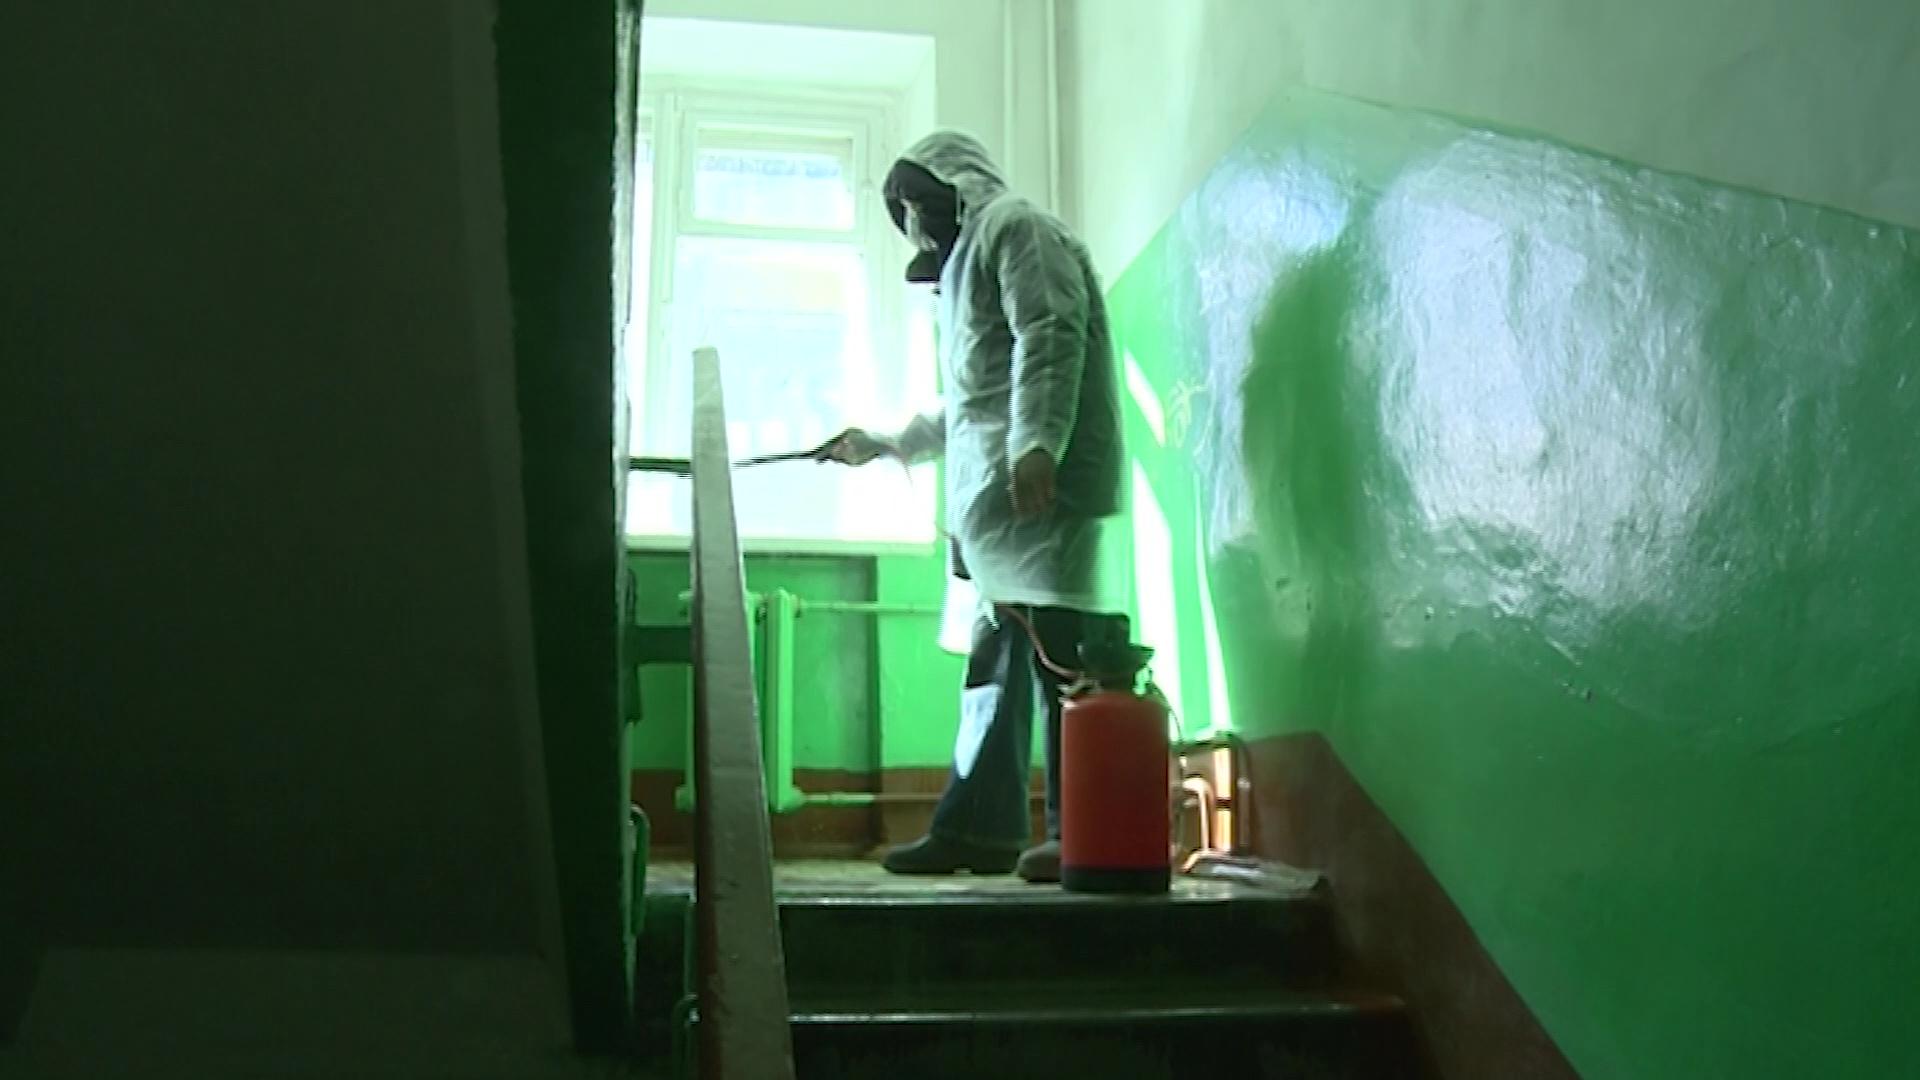 От дверей до кнопок лифта – в Ярославле продолжают дезинфицировать подъезды домов